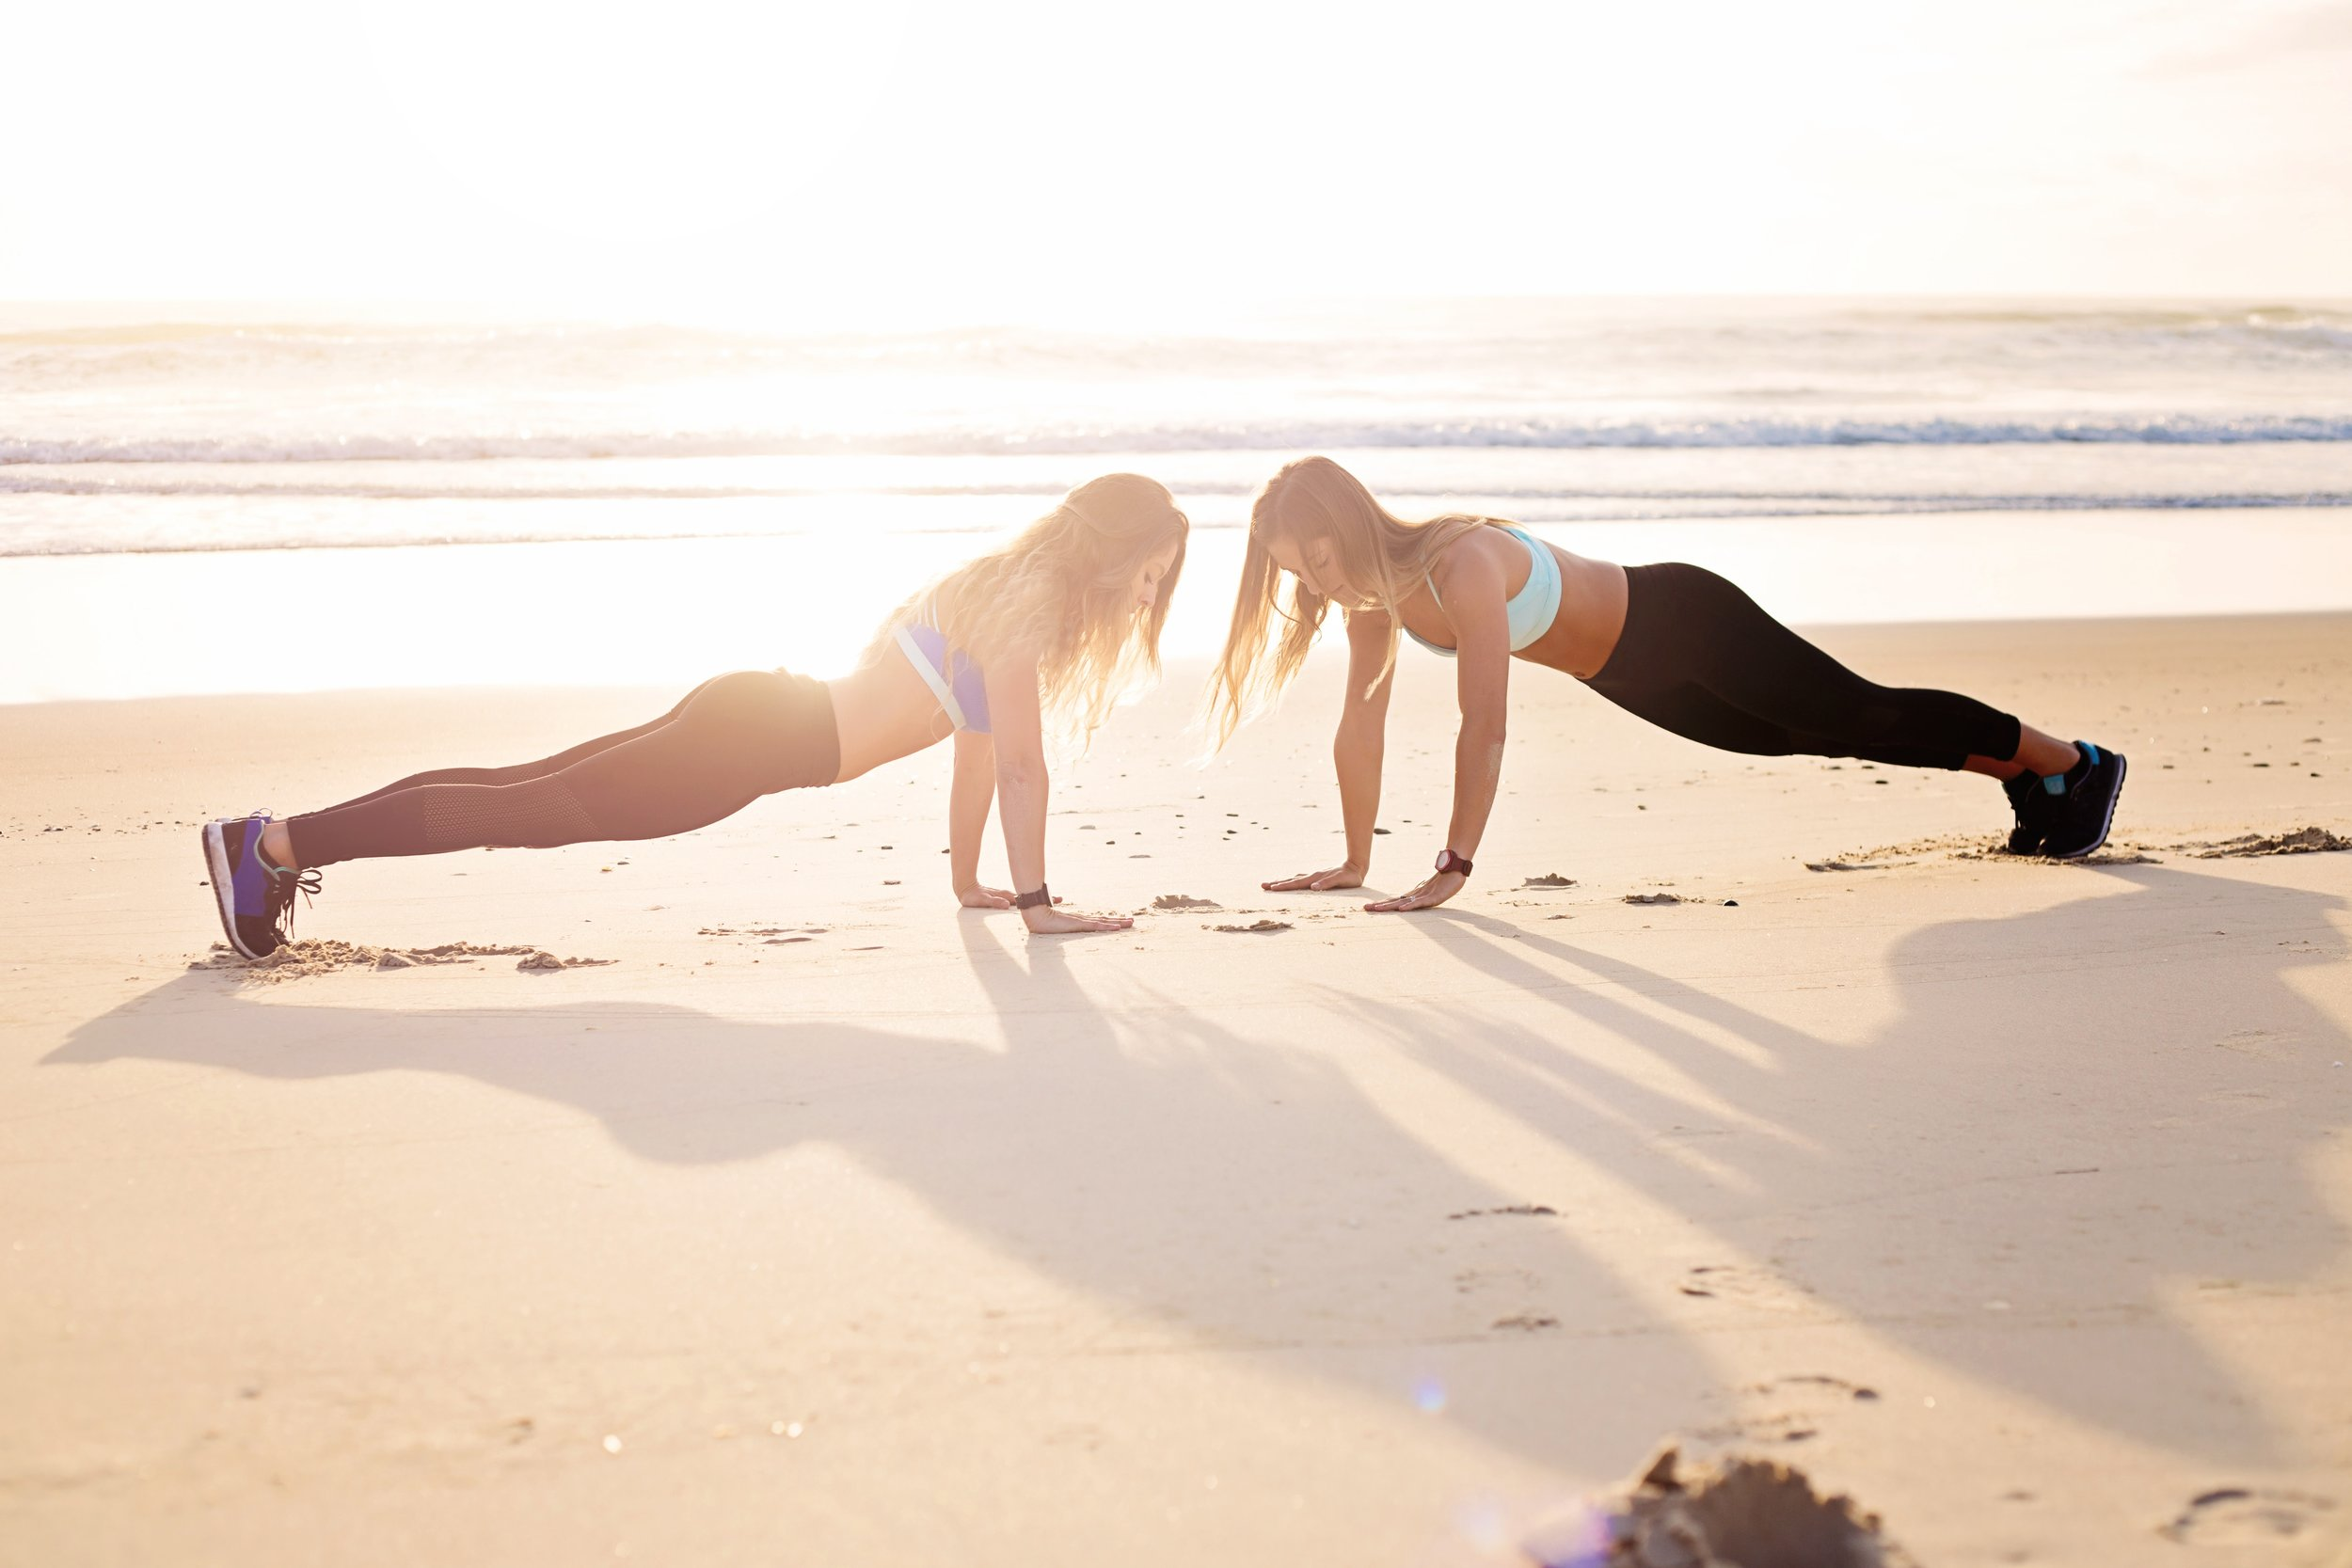 beach-exercise-female-1199607.jpg